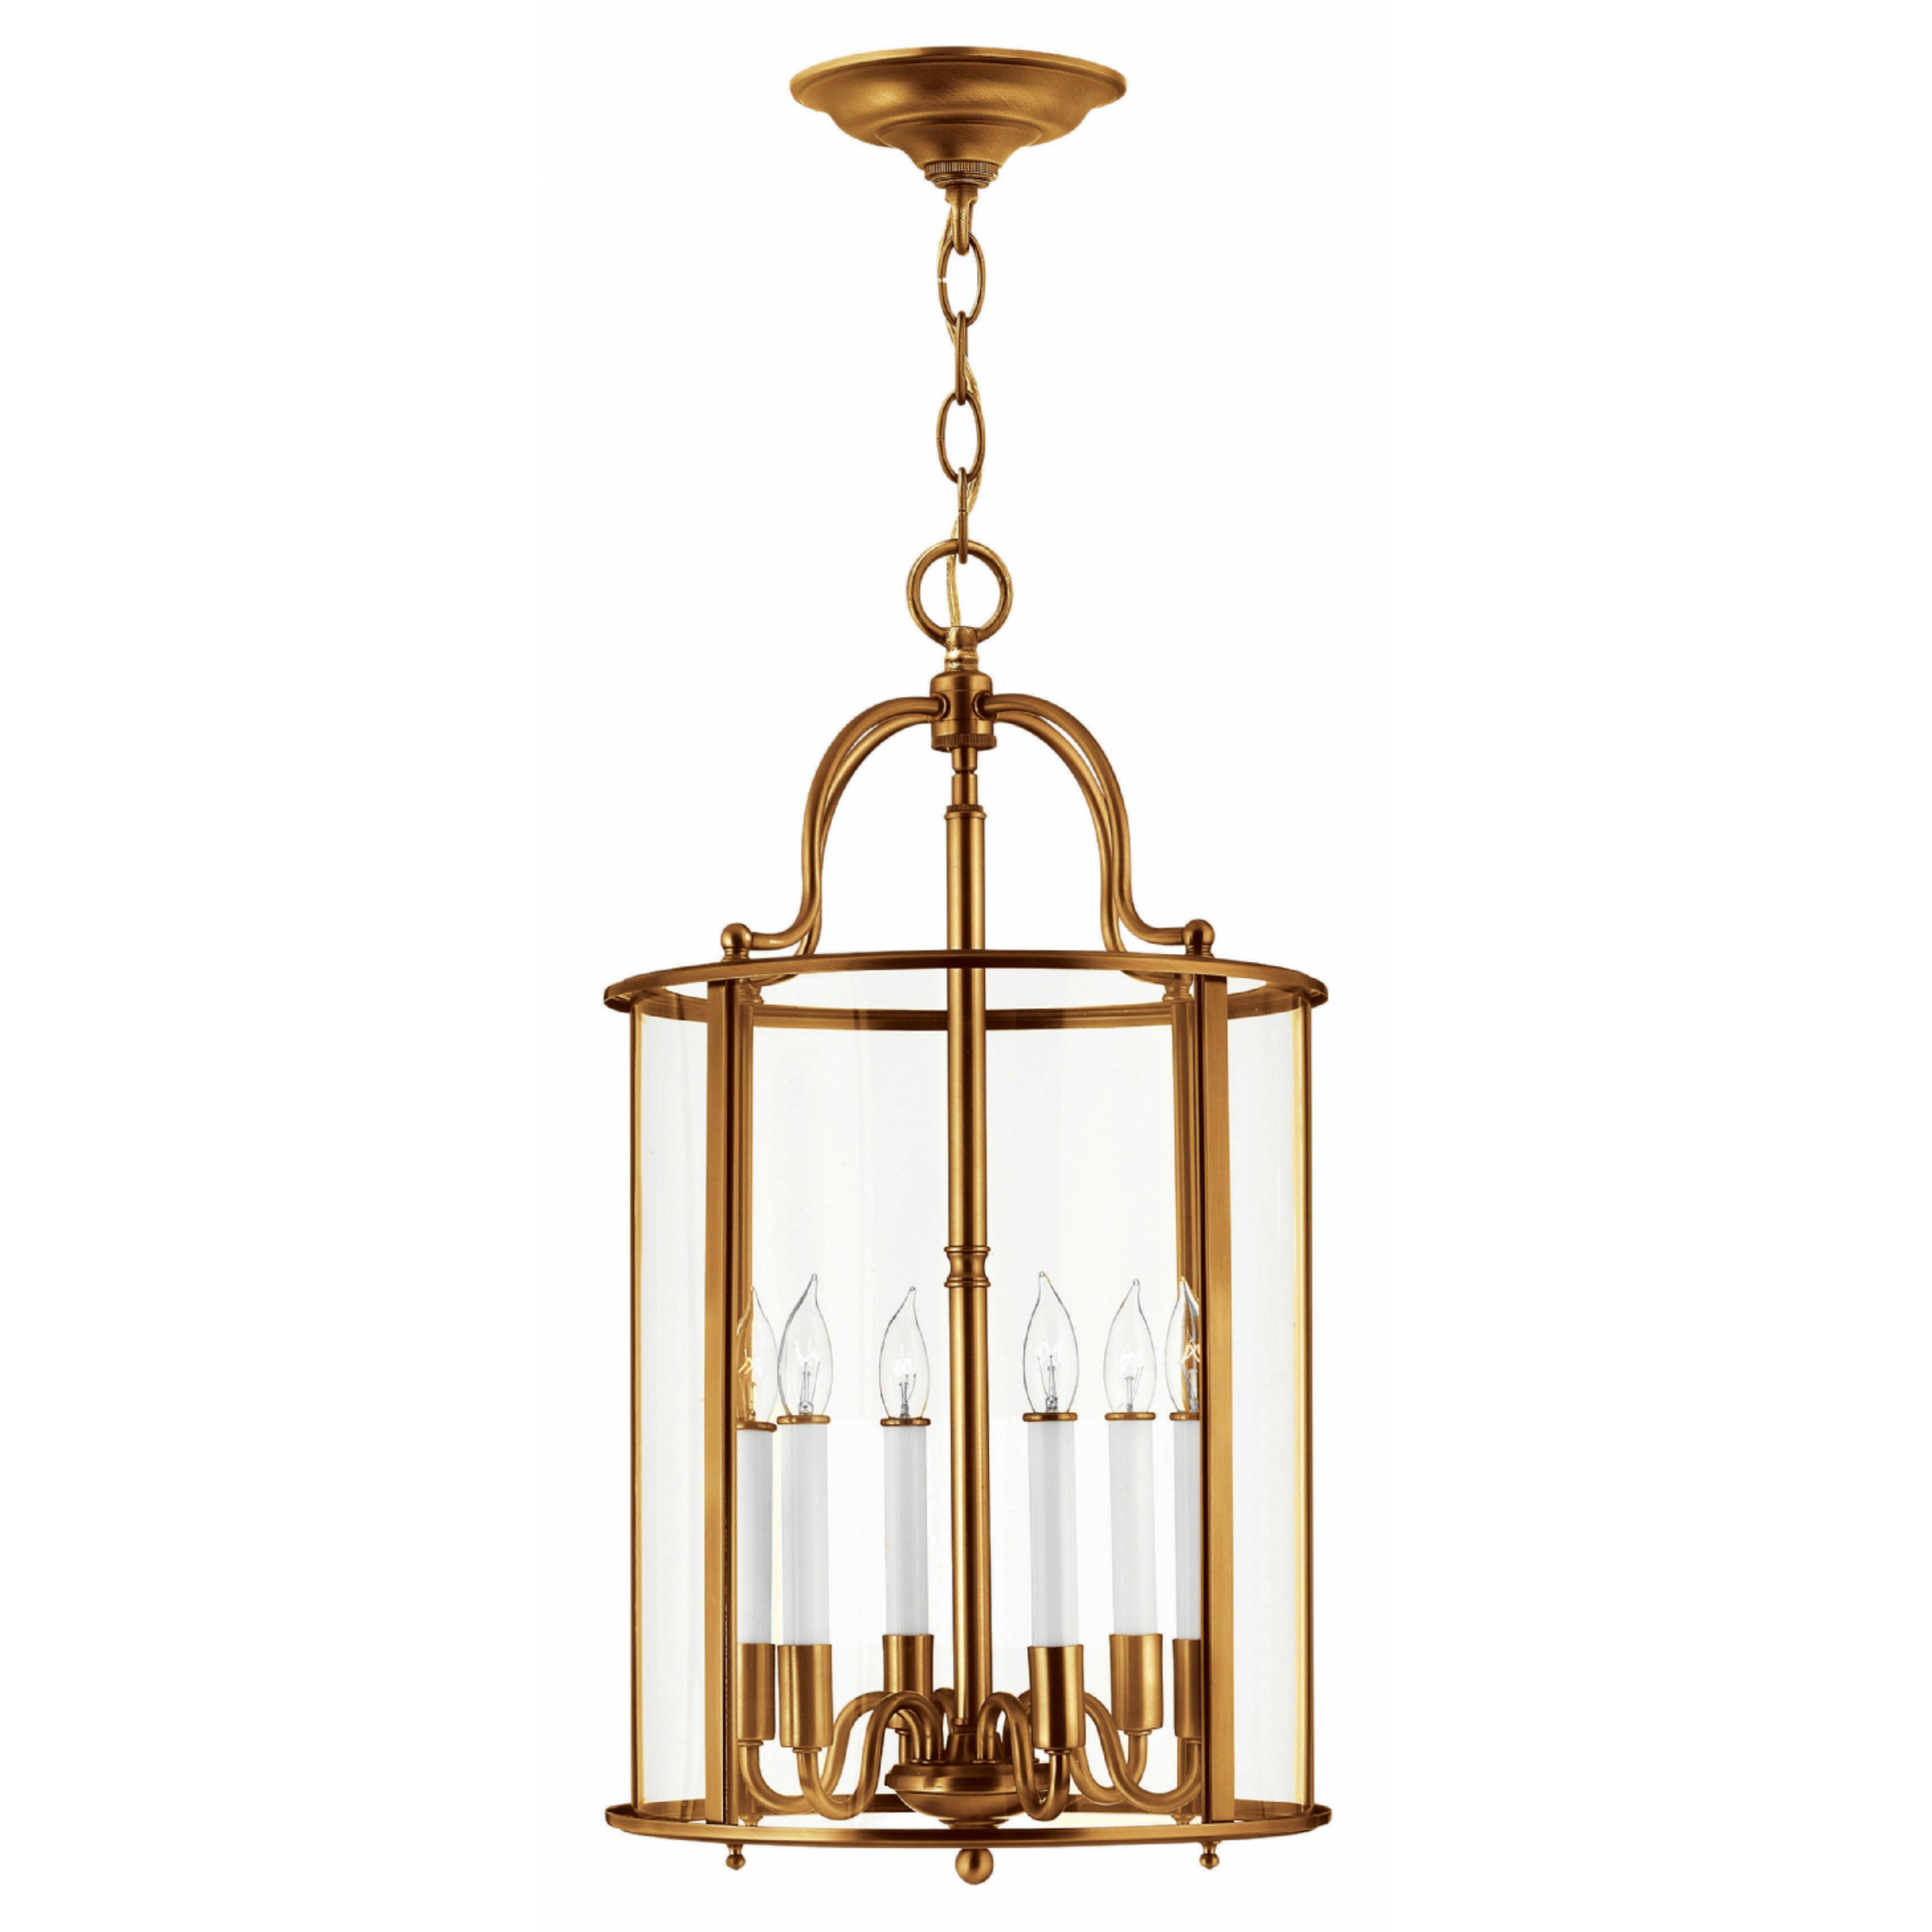 Foyer Ceiling Reviews : Hinkley lighting gentry light foyer pendant reviews